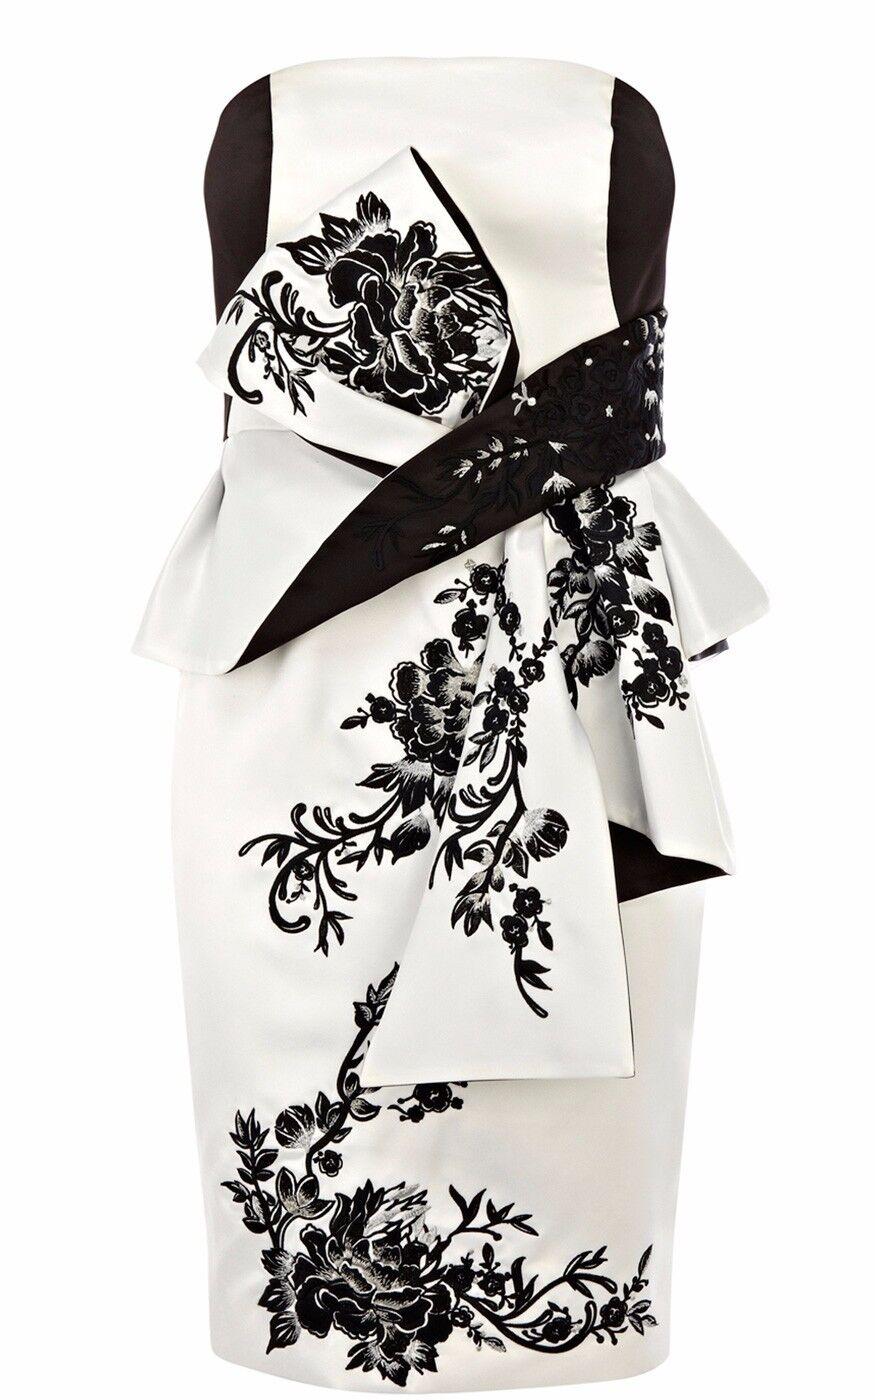 KAREN MILLEN schwarz & Weiß Embroiderot Dress